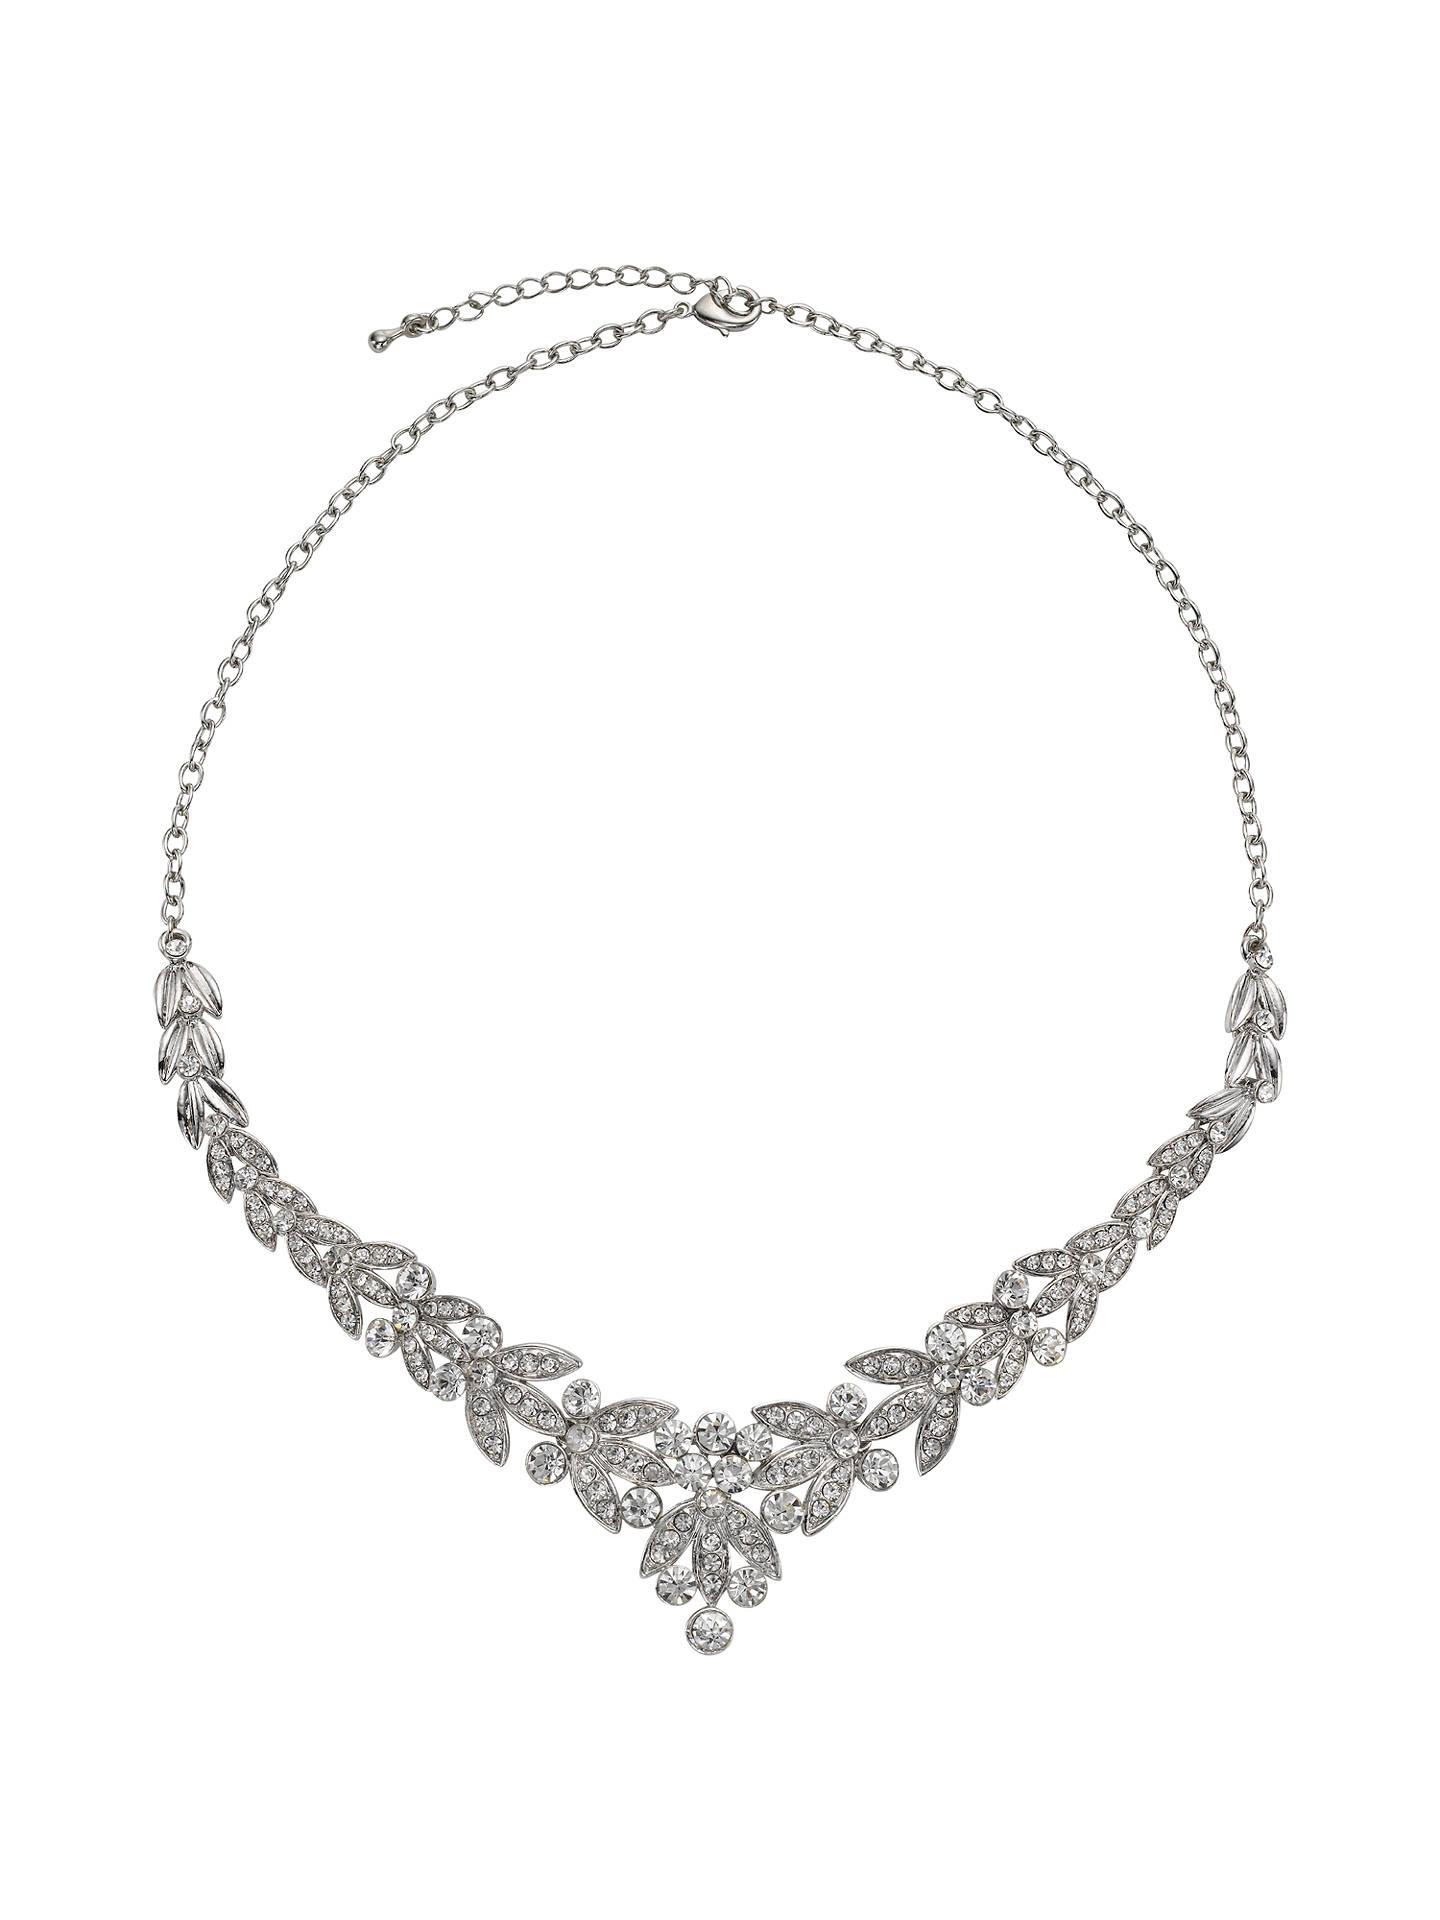 029432d17258a John Lewis & Partners Diamante Leaf Statement Necklace, Silver